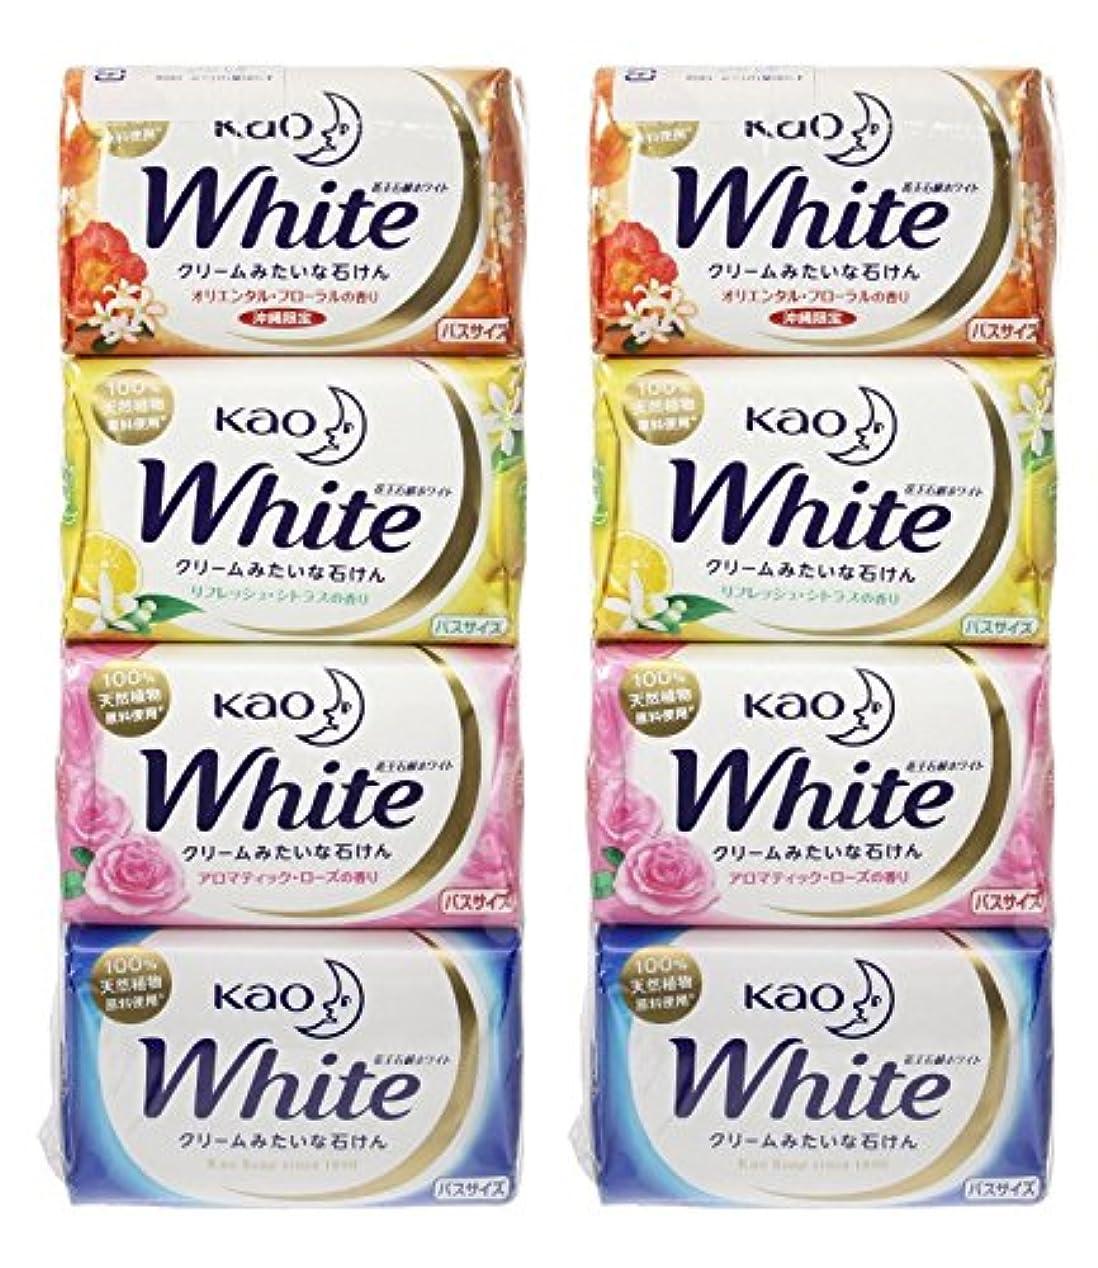 検索エンジンマーケティング遅い大胆な花王ホワイト 香りアソートパック バス12個×2